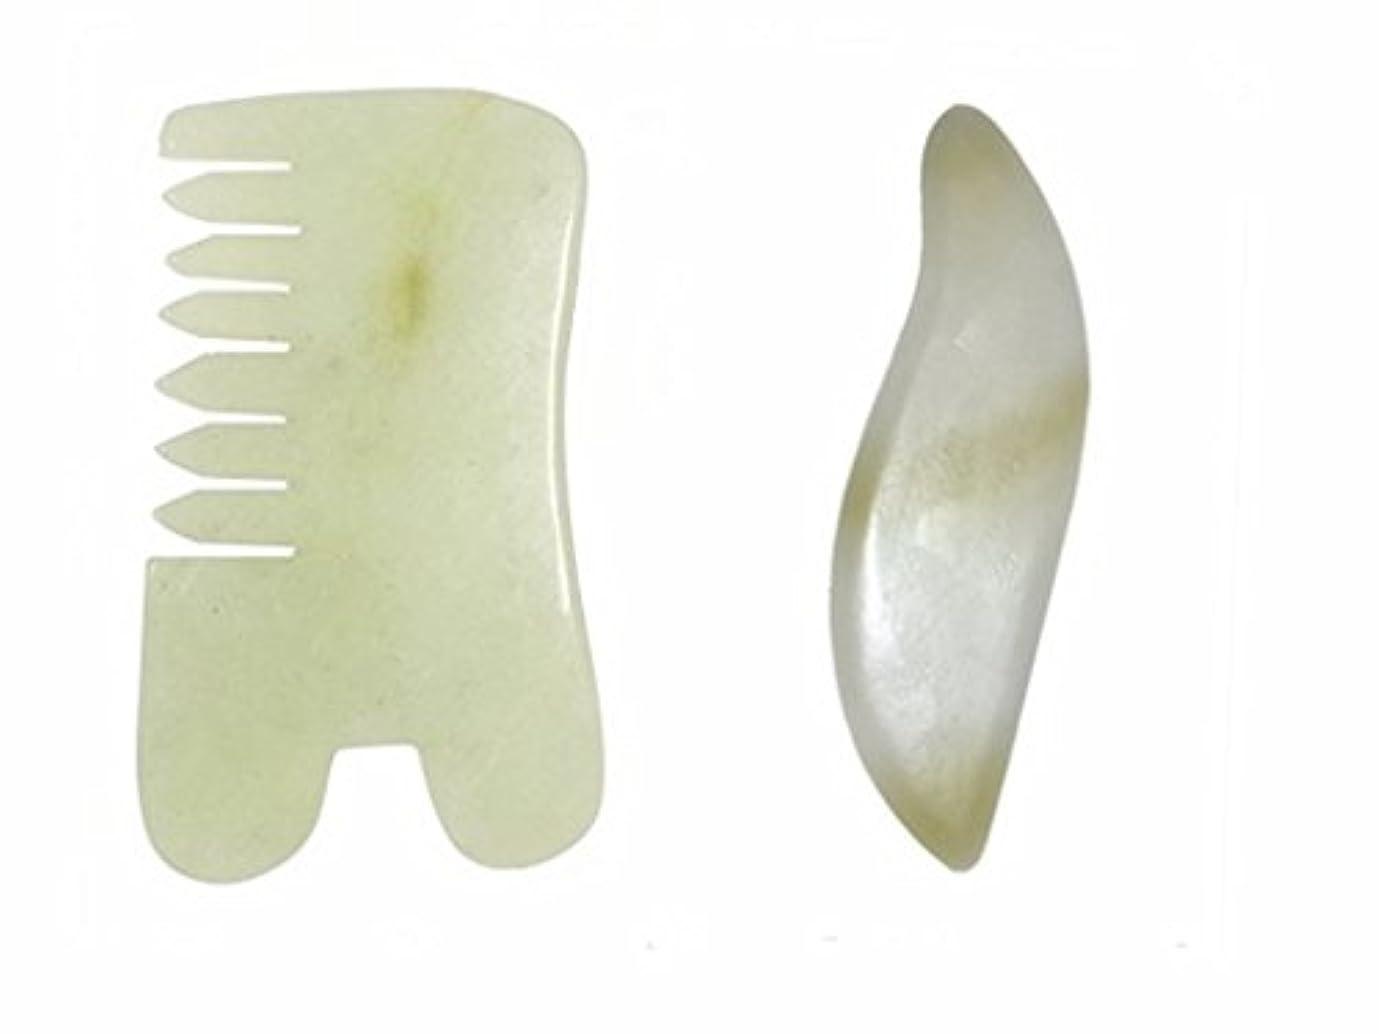 寝てる部分交渉するEcho & Kern 二点セットかっさ板、翡翠(ジェイド)美顔 天然石かっさプレート、 櫛、マッサージプレート(2PCS) Natural Jade Gemstone Healing Stone Scraper Board for Body Face SPA Acupuncture Therapy Trigger Point Treatment